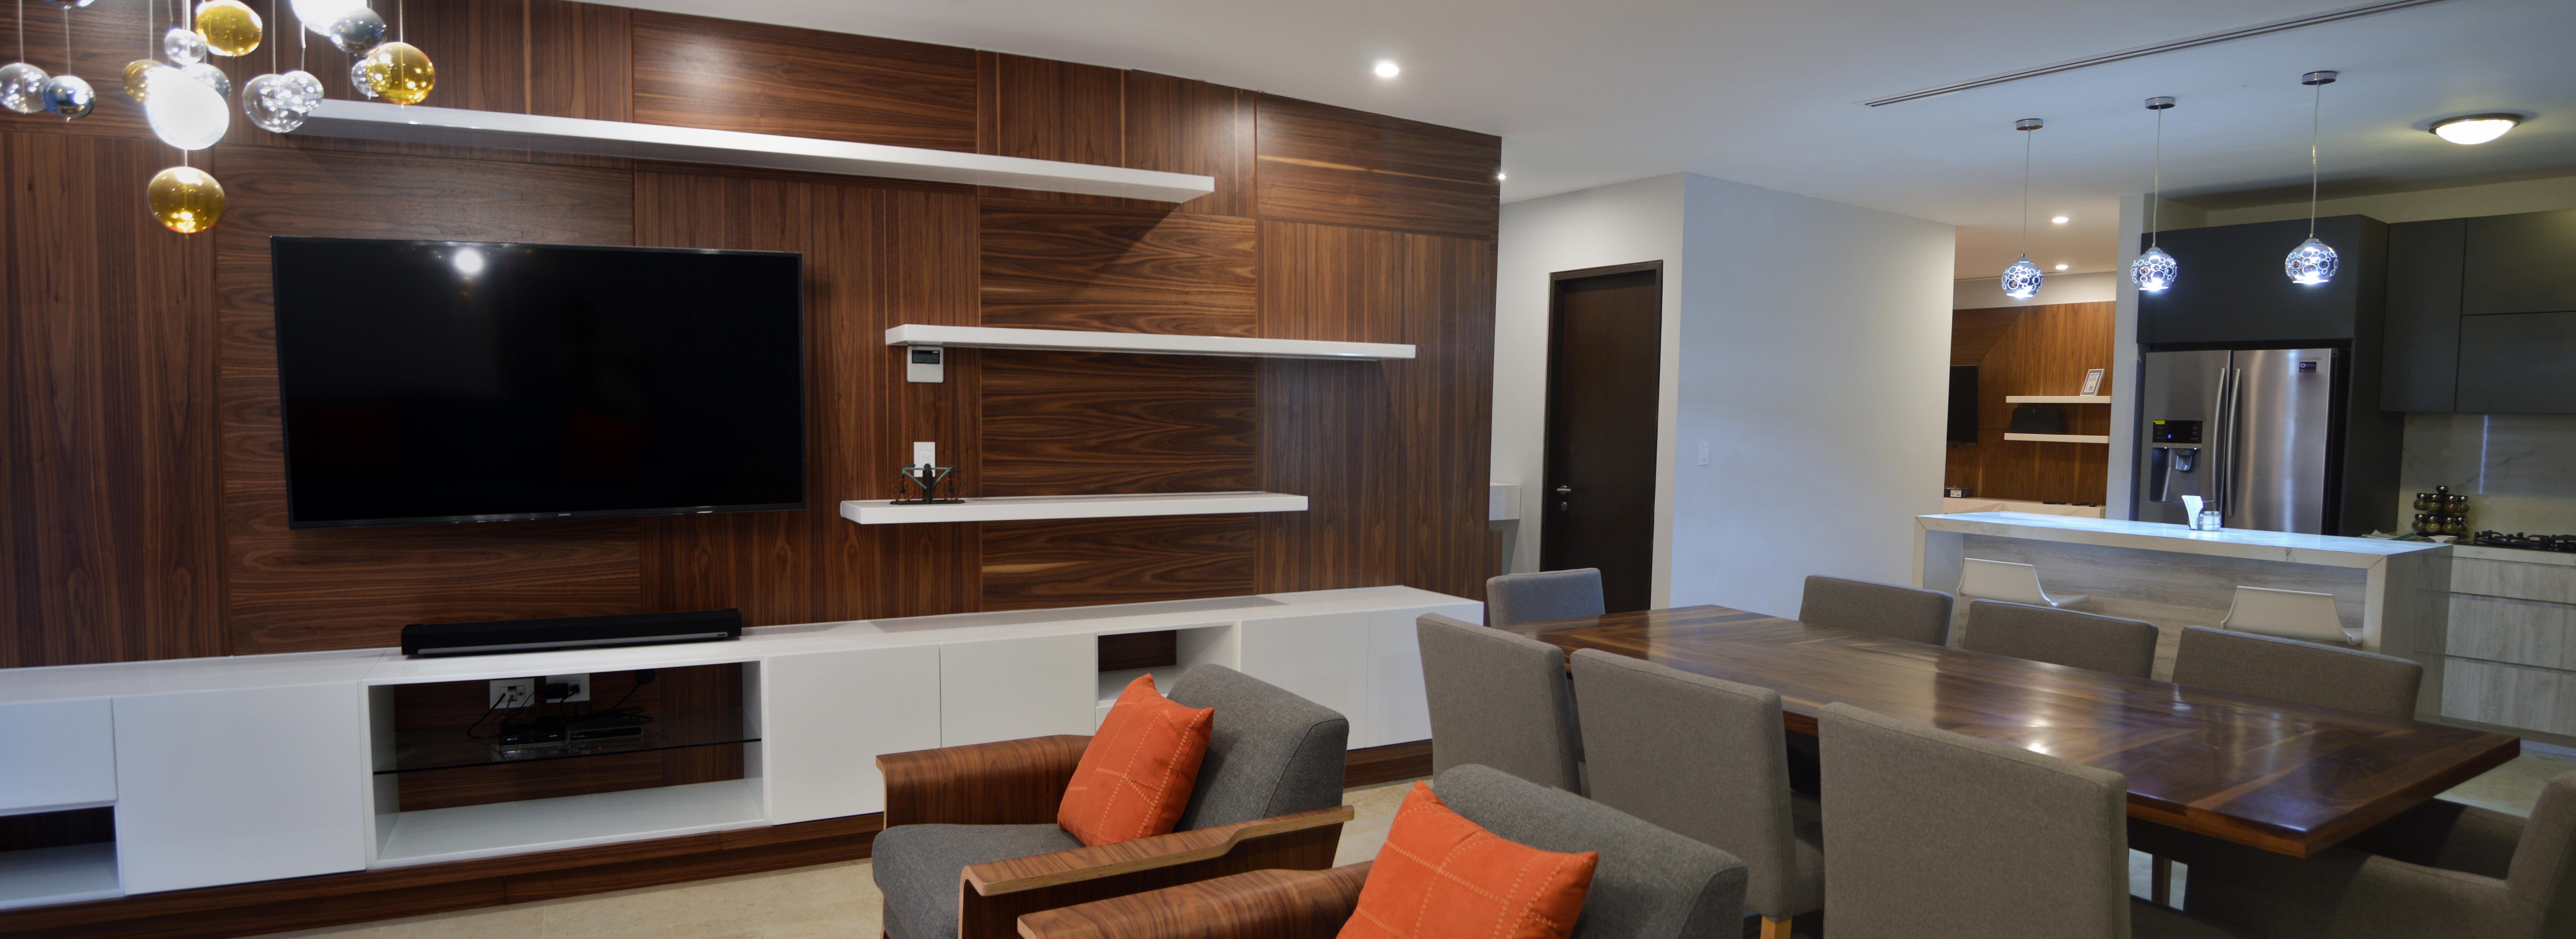 Mueble de Tv, Comedor y Cocina